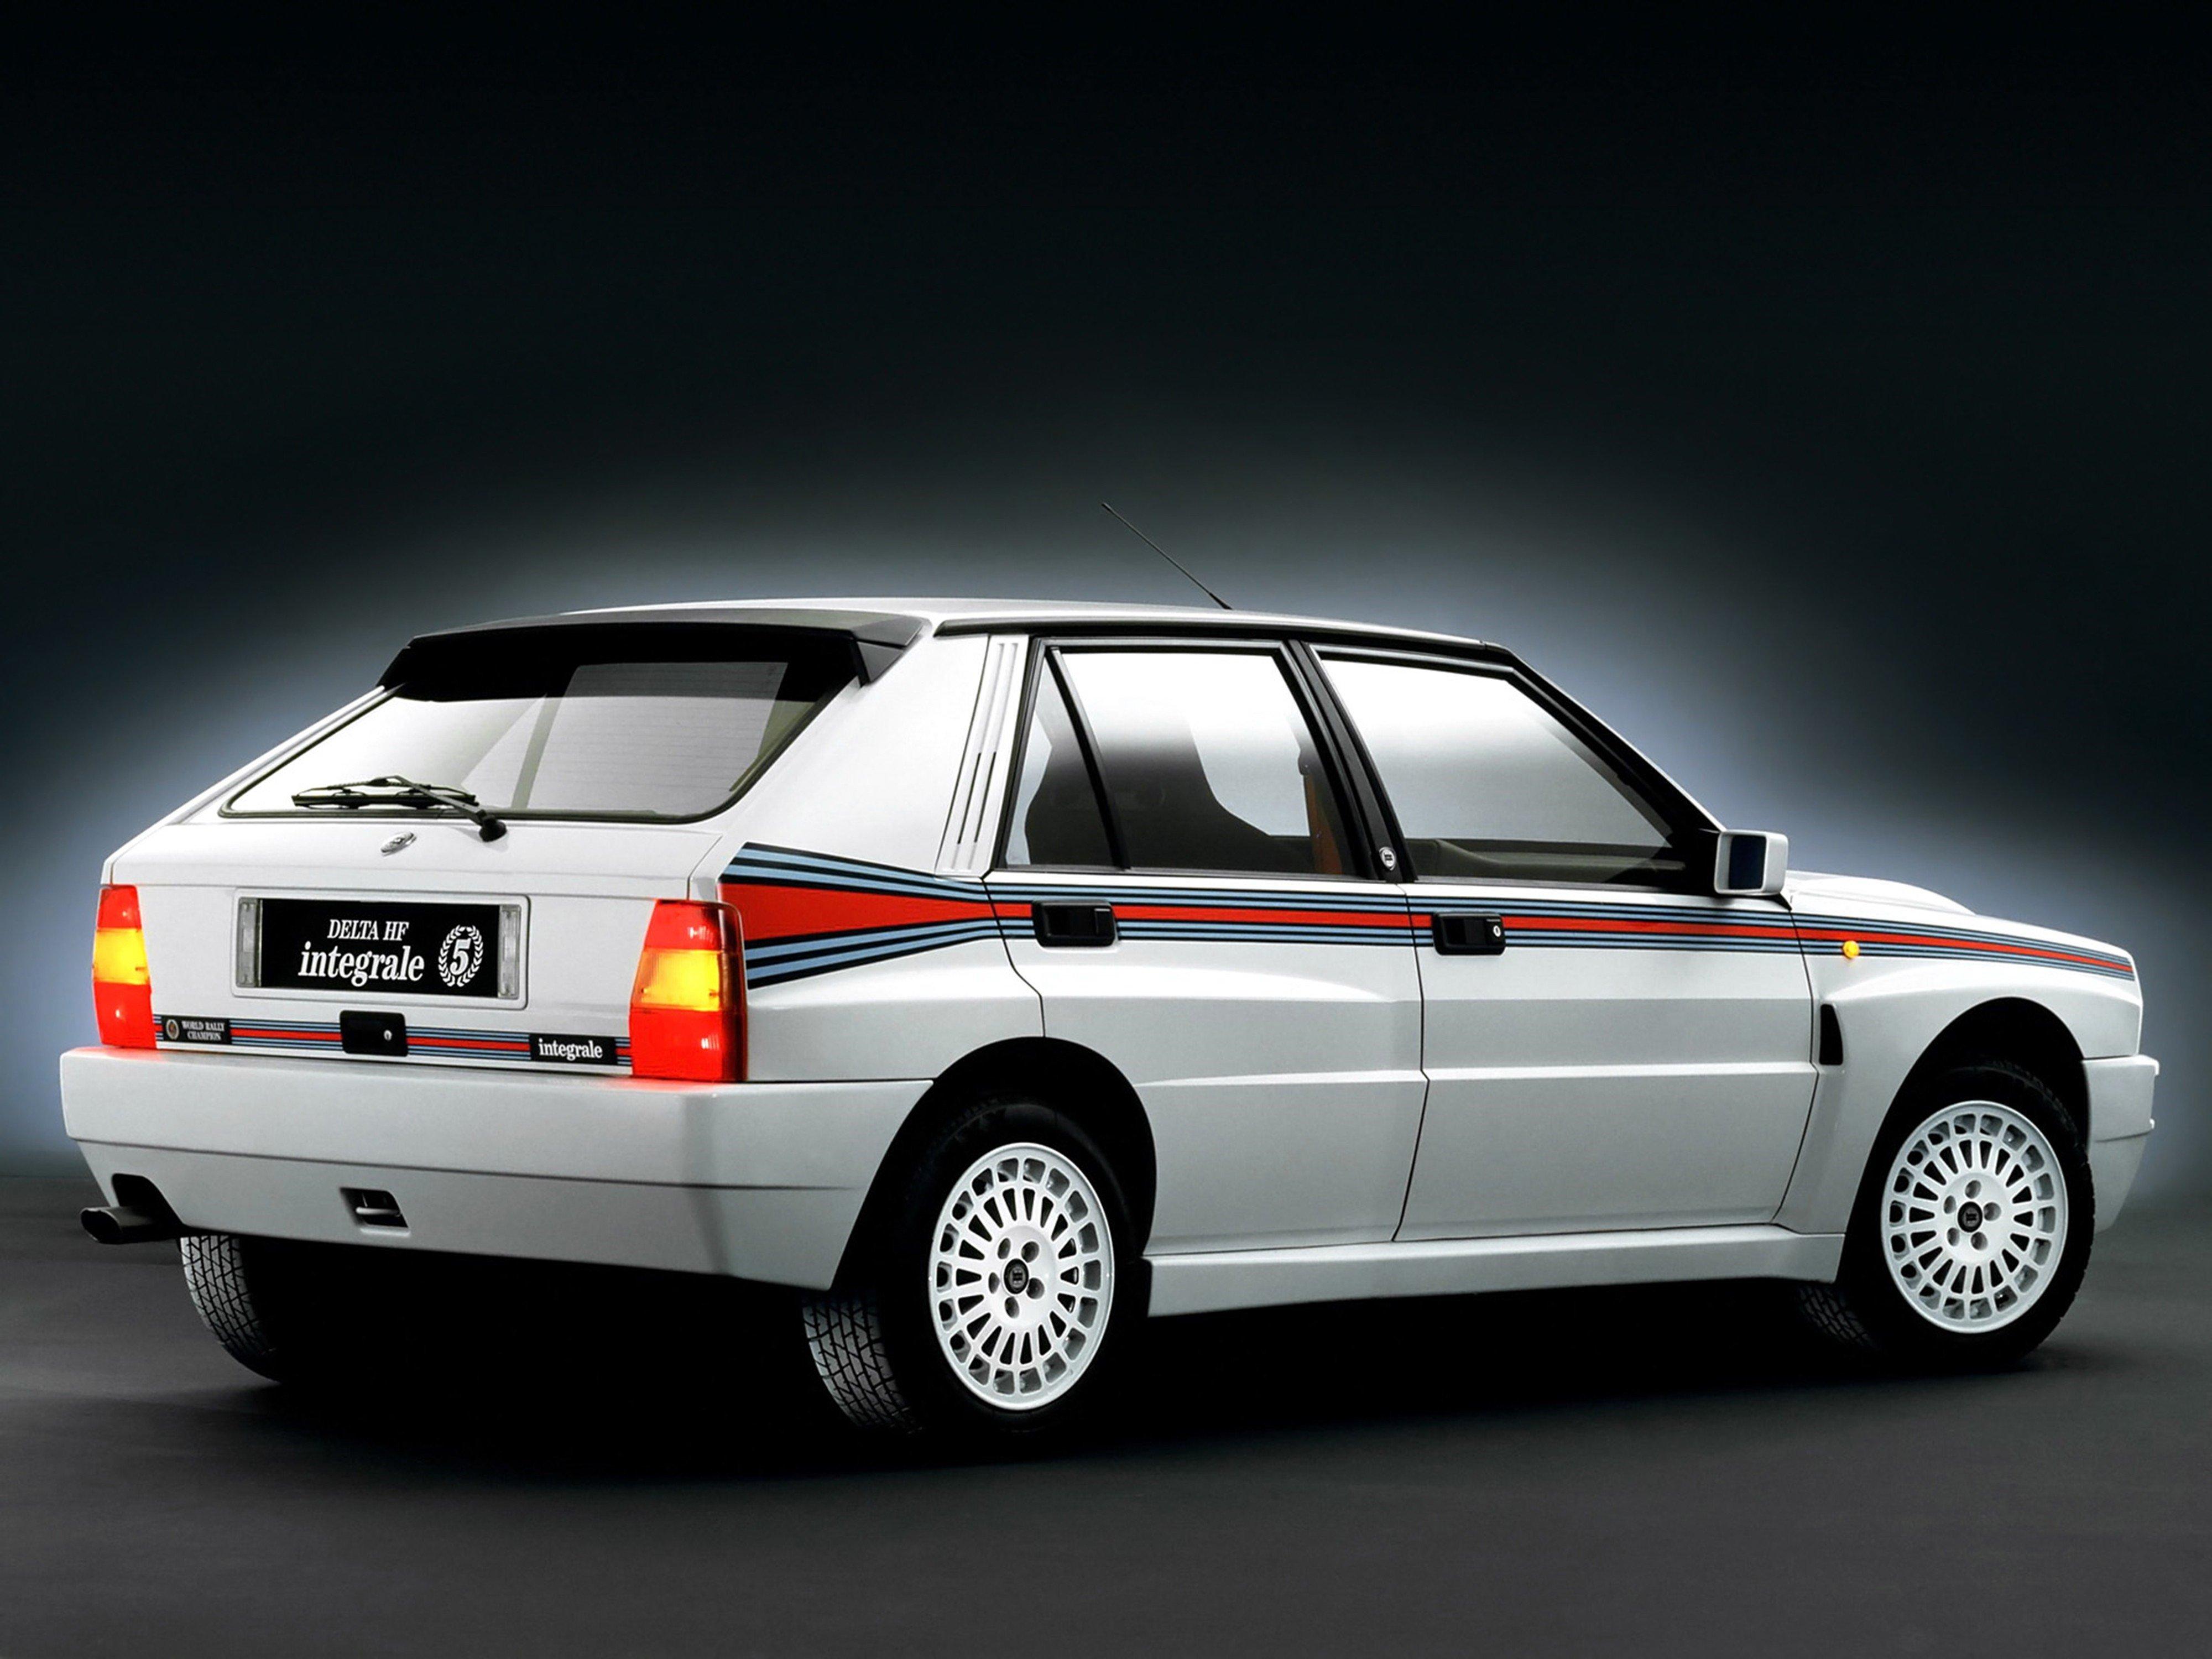 1992 lancia delta hf integrale evoluzione car italy. Black Bedroom Furniture Sets. Home Design Ideas